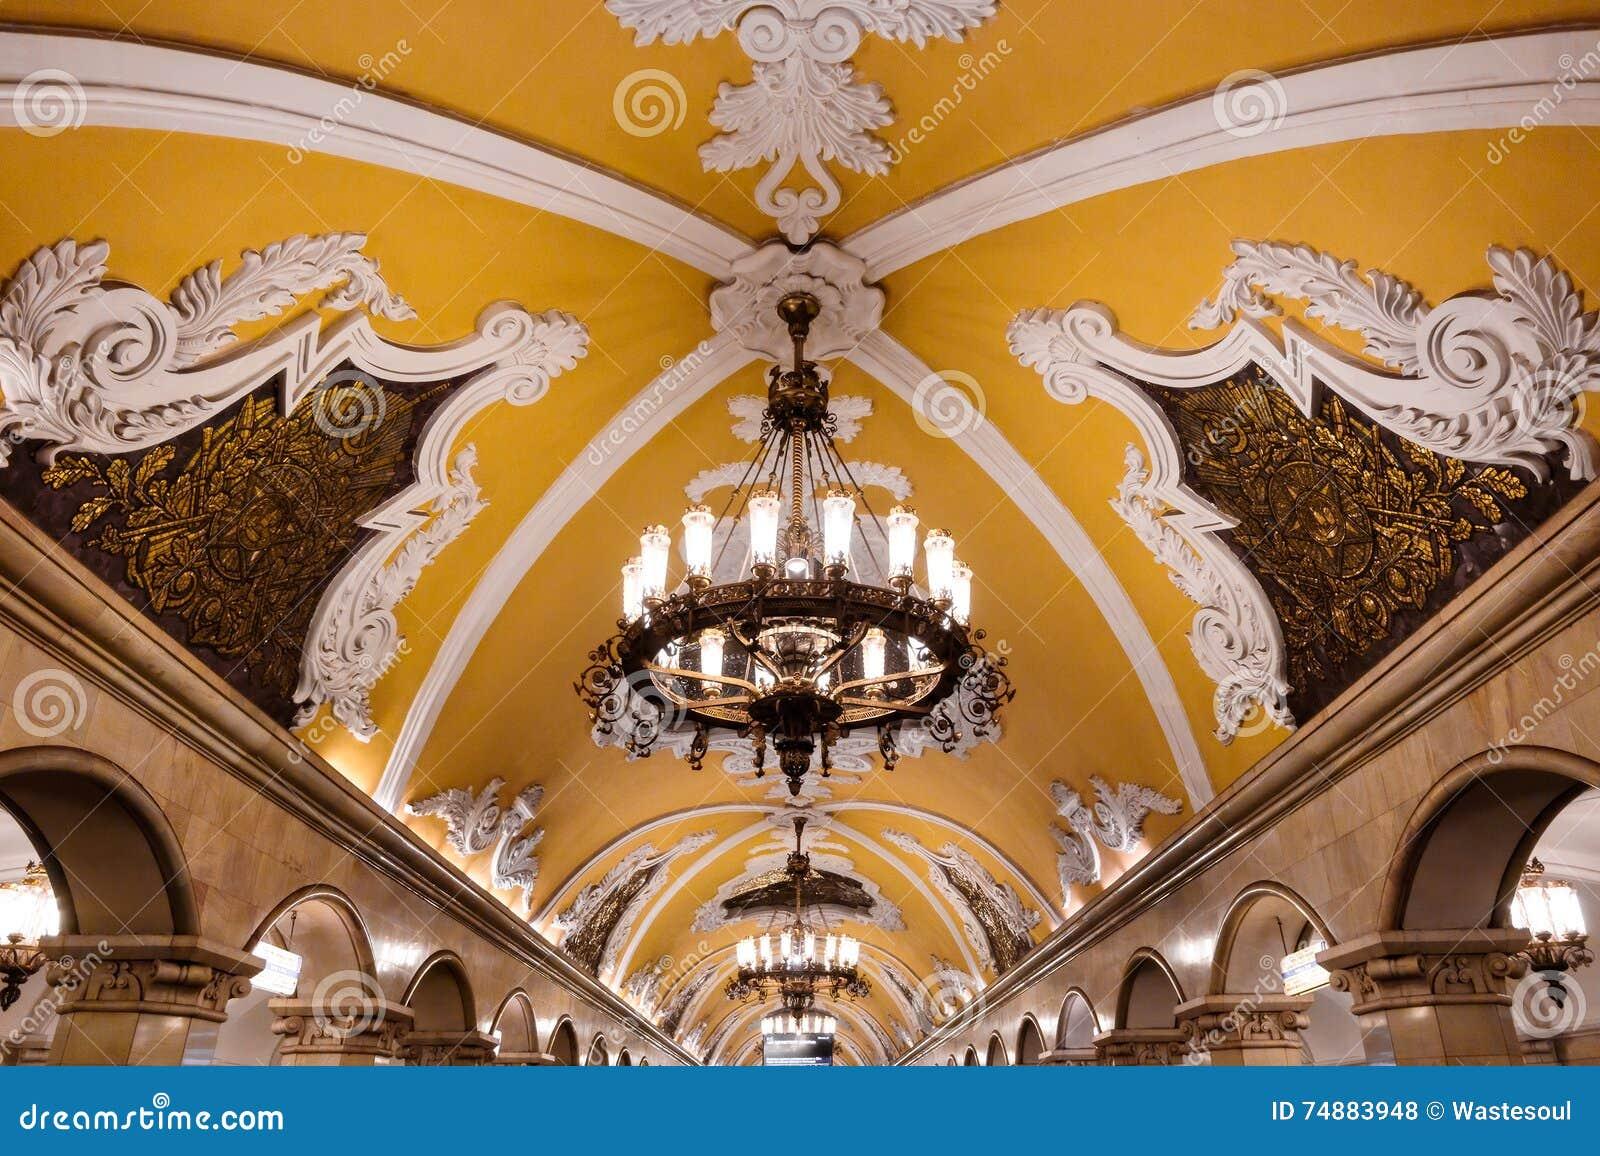 Candeliere in metropolitana di Mosca